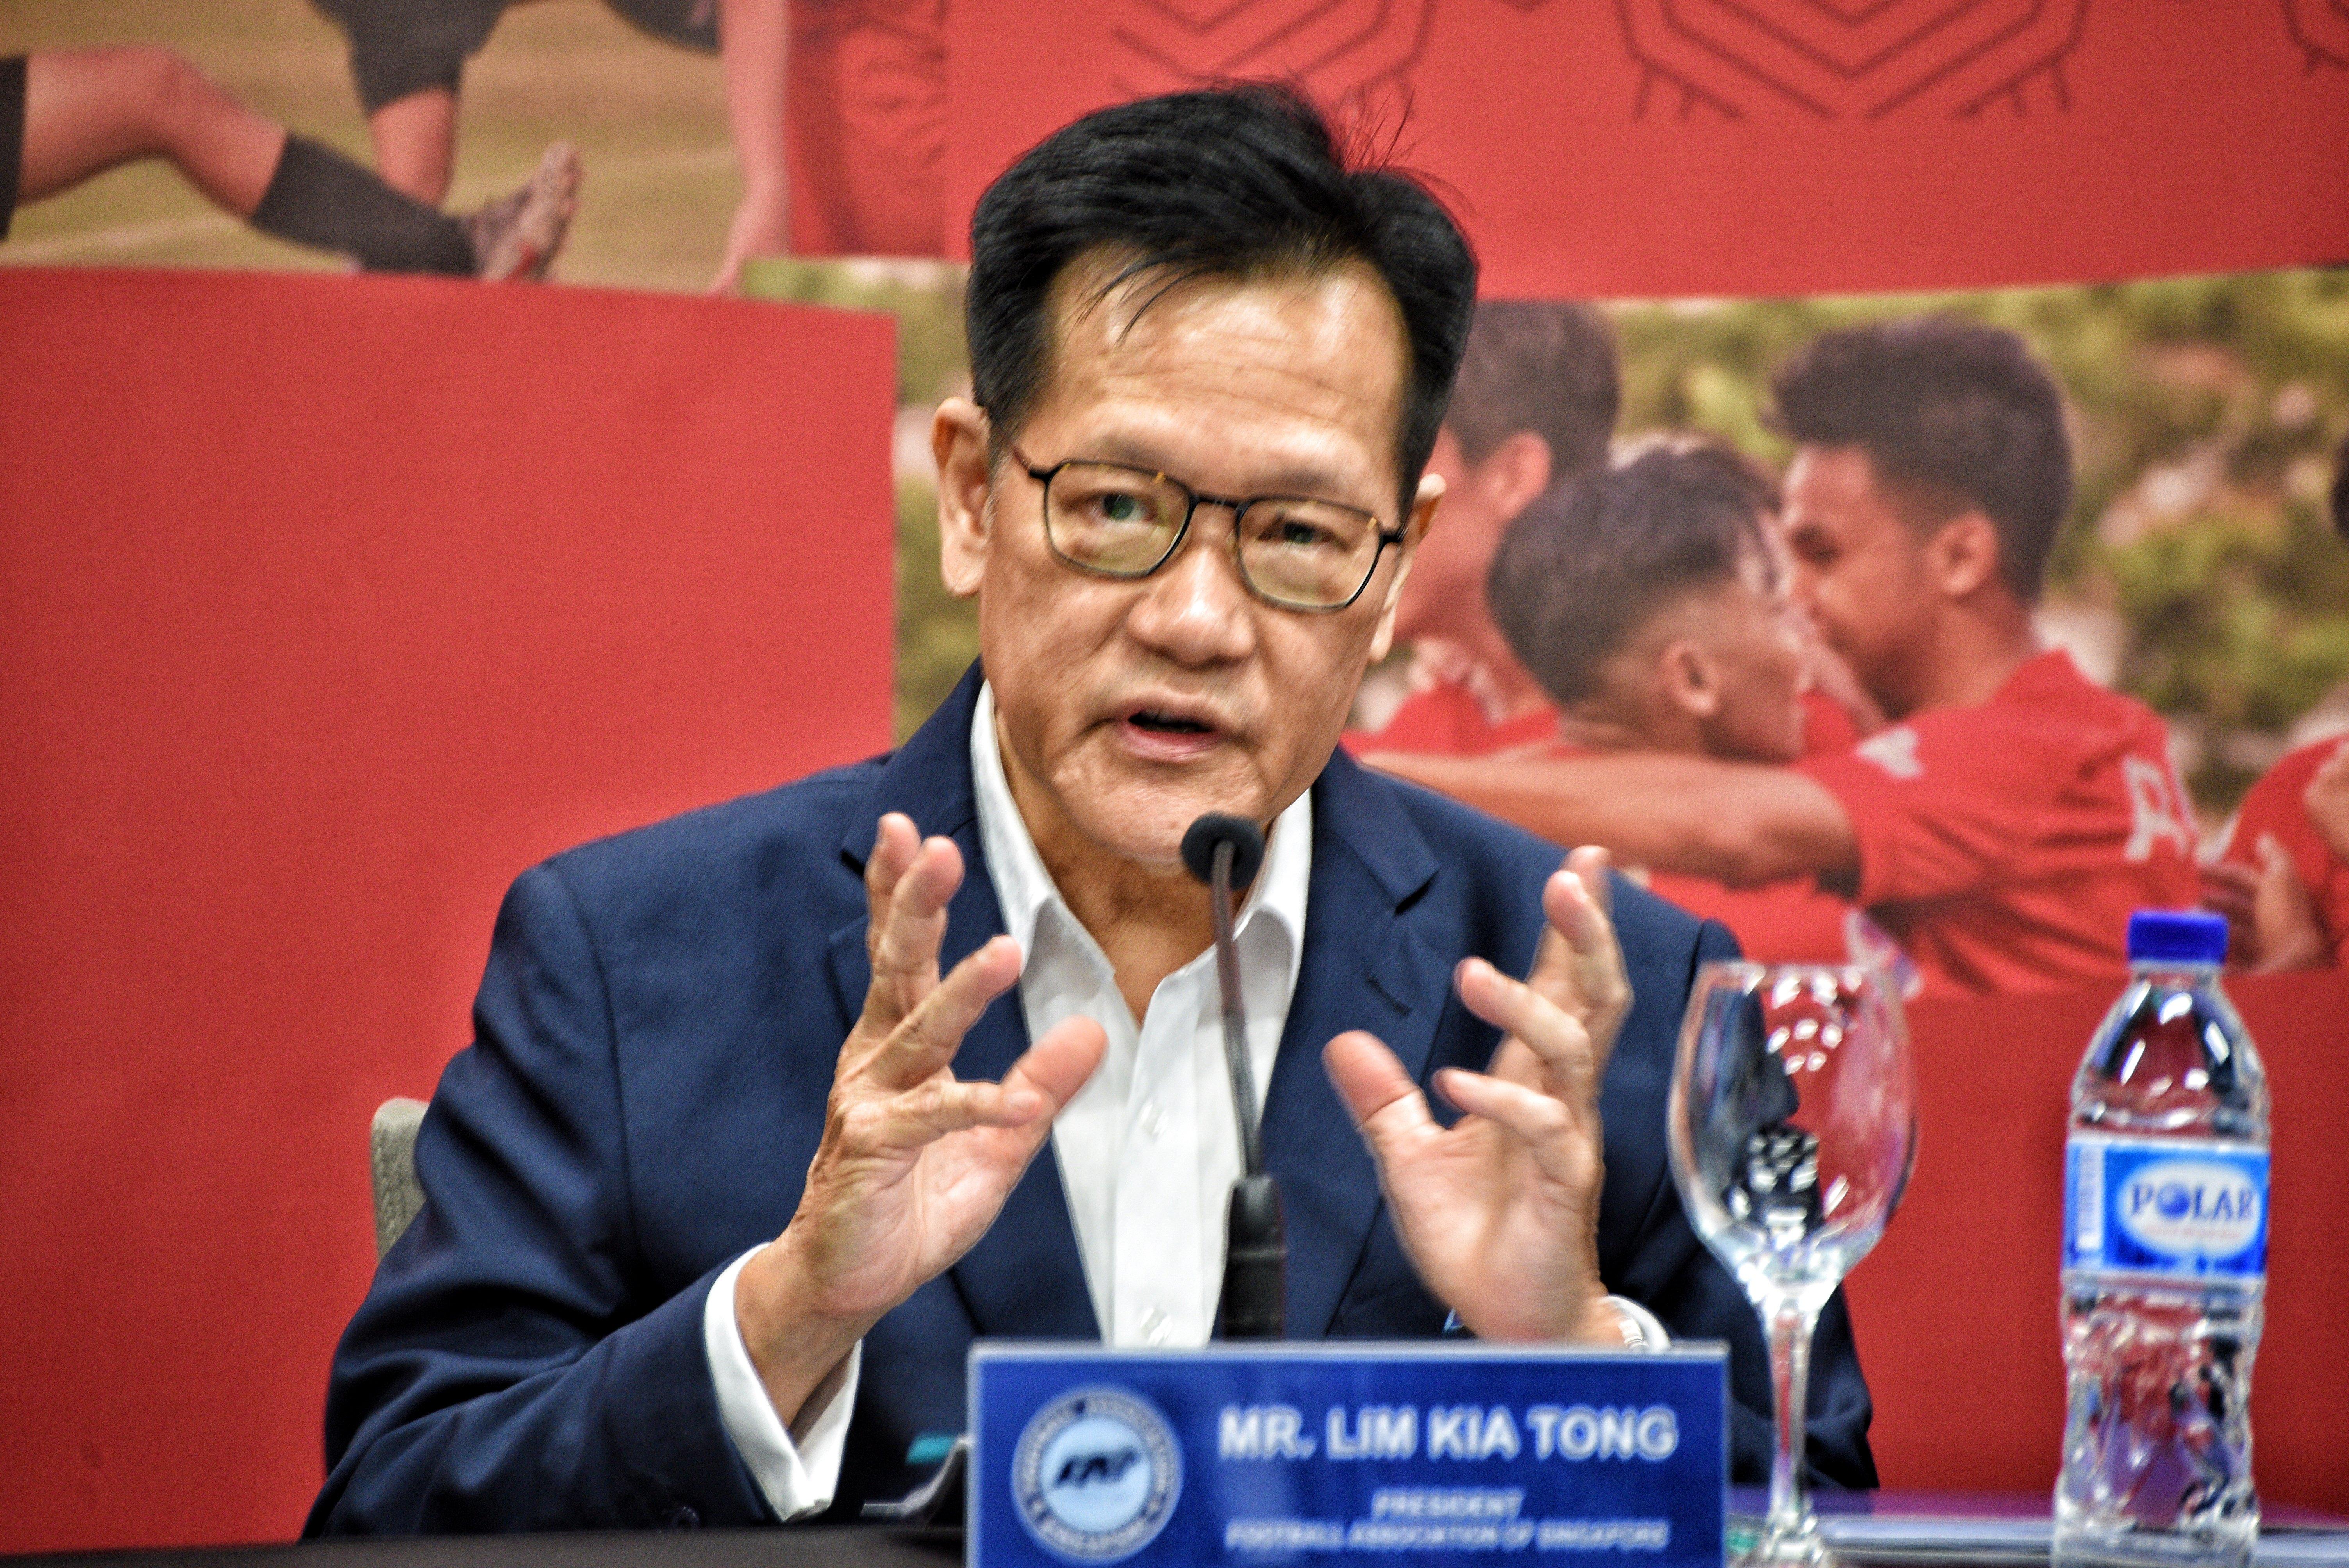 Mr Lim Kia Tong - President, FAS